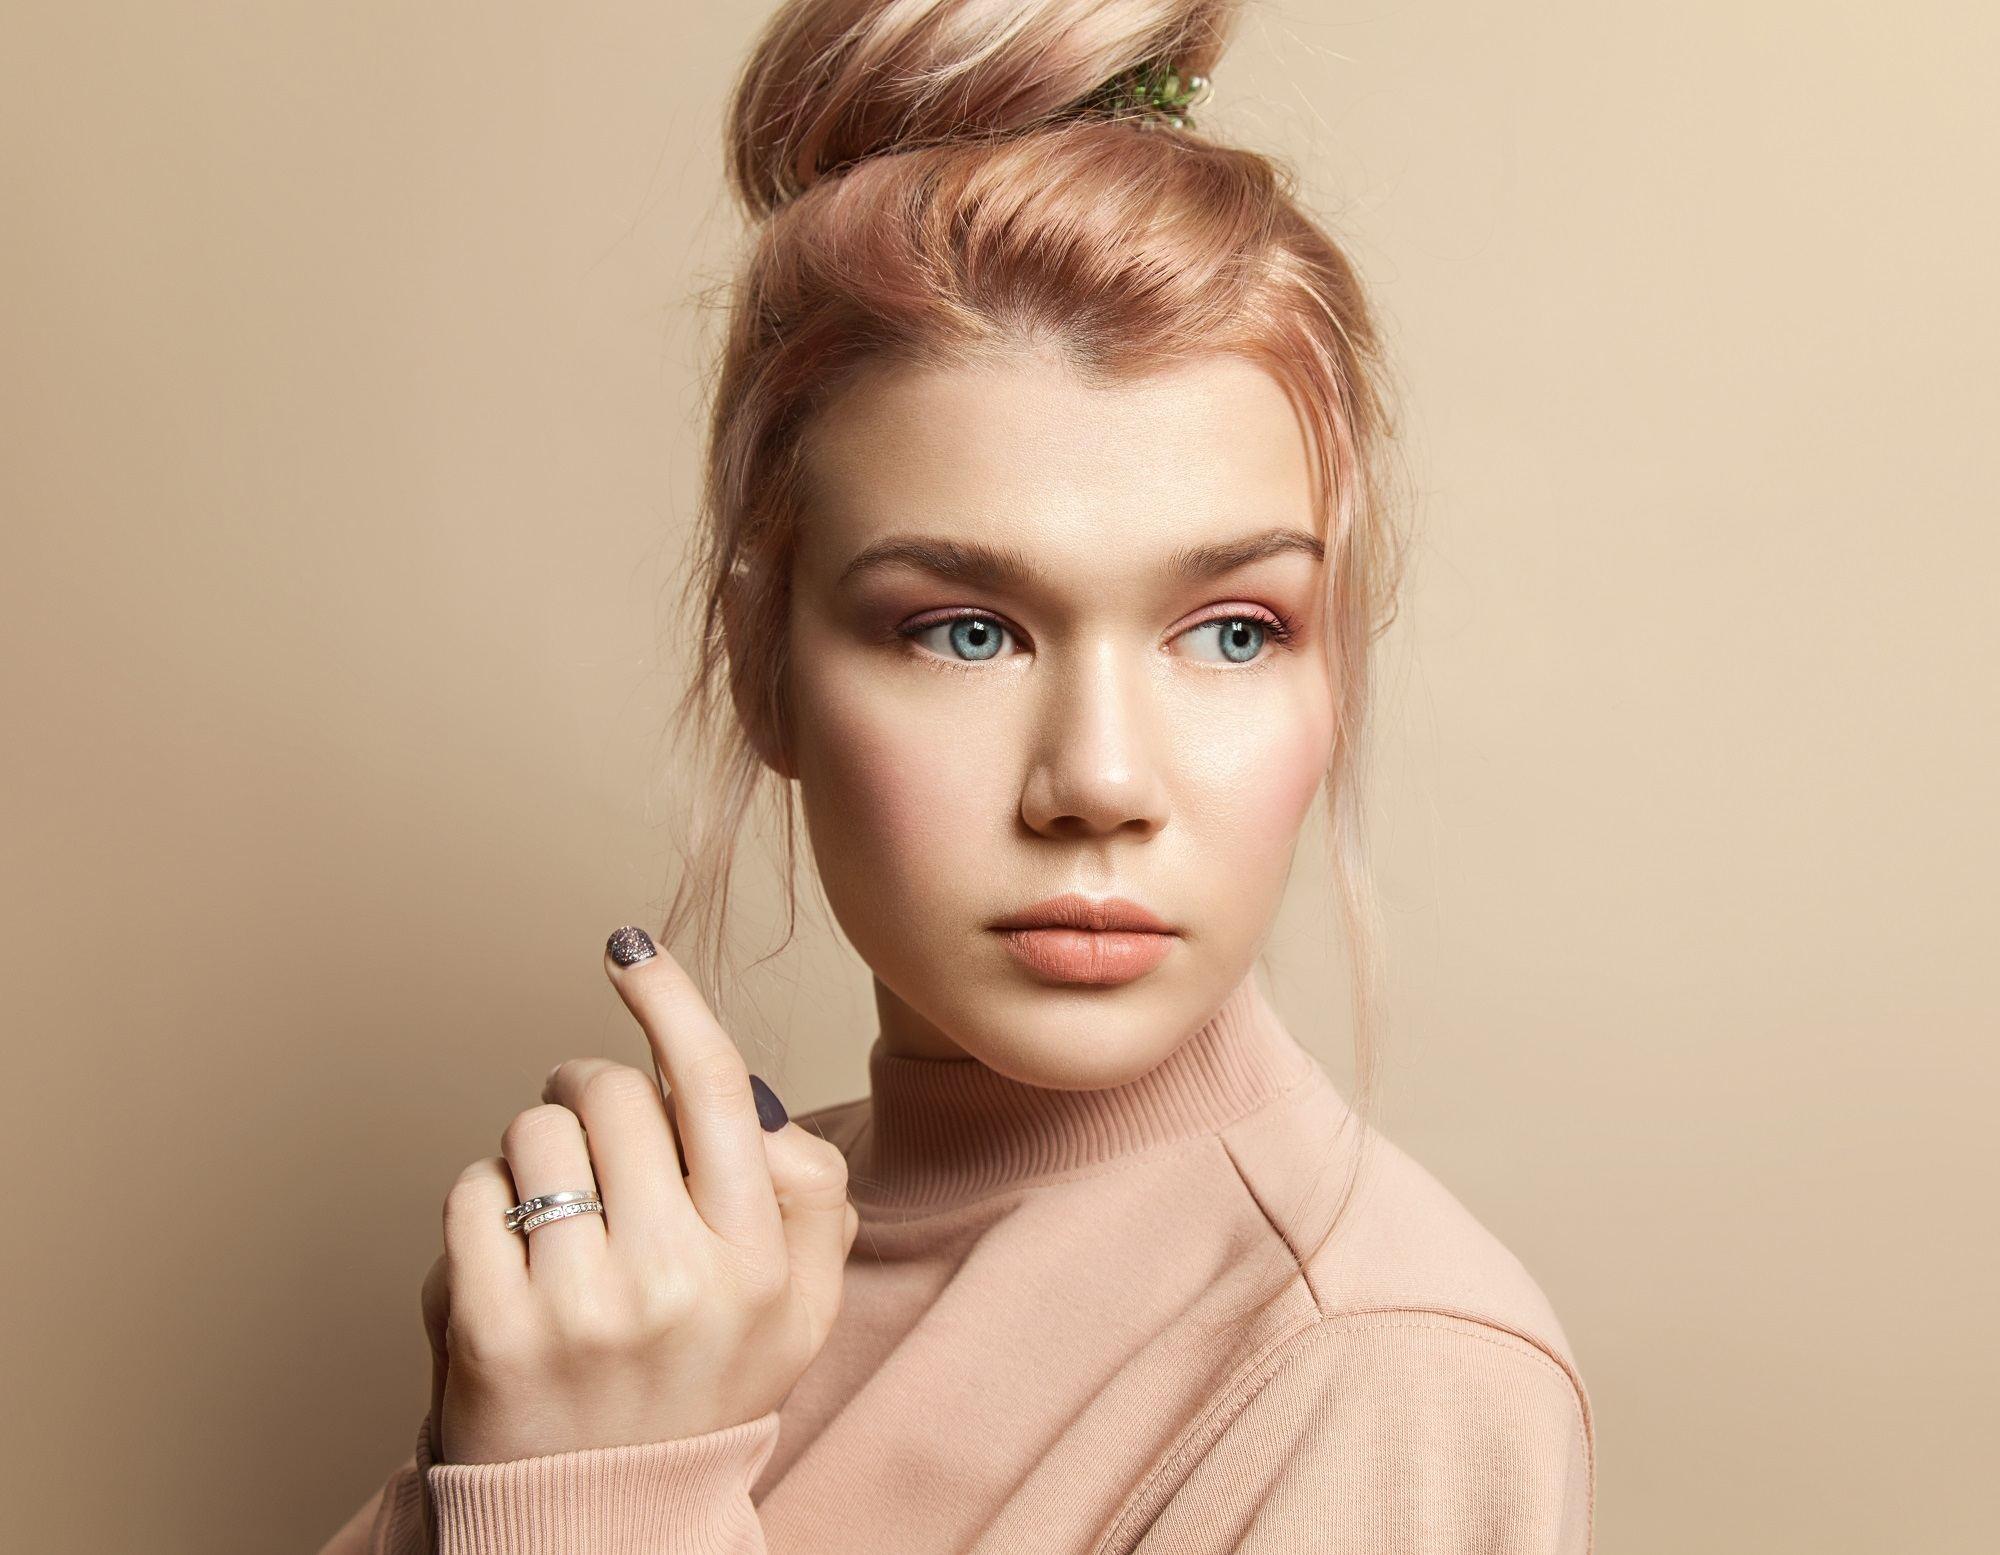 Peach hair: Closeup shot of a woman with peach hair in a top bun wearing a peach shirt